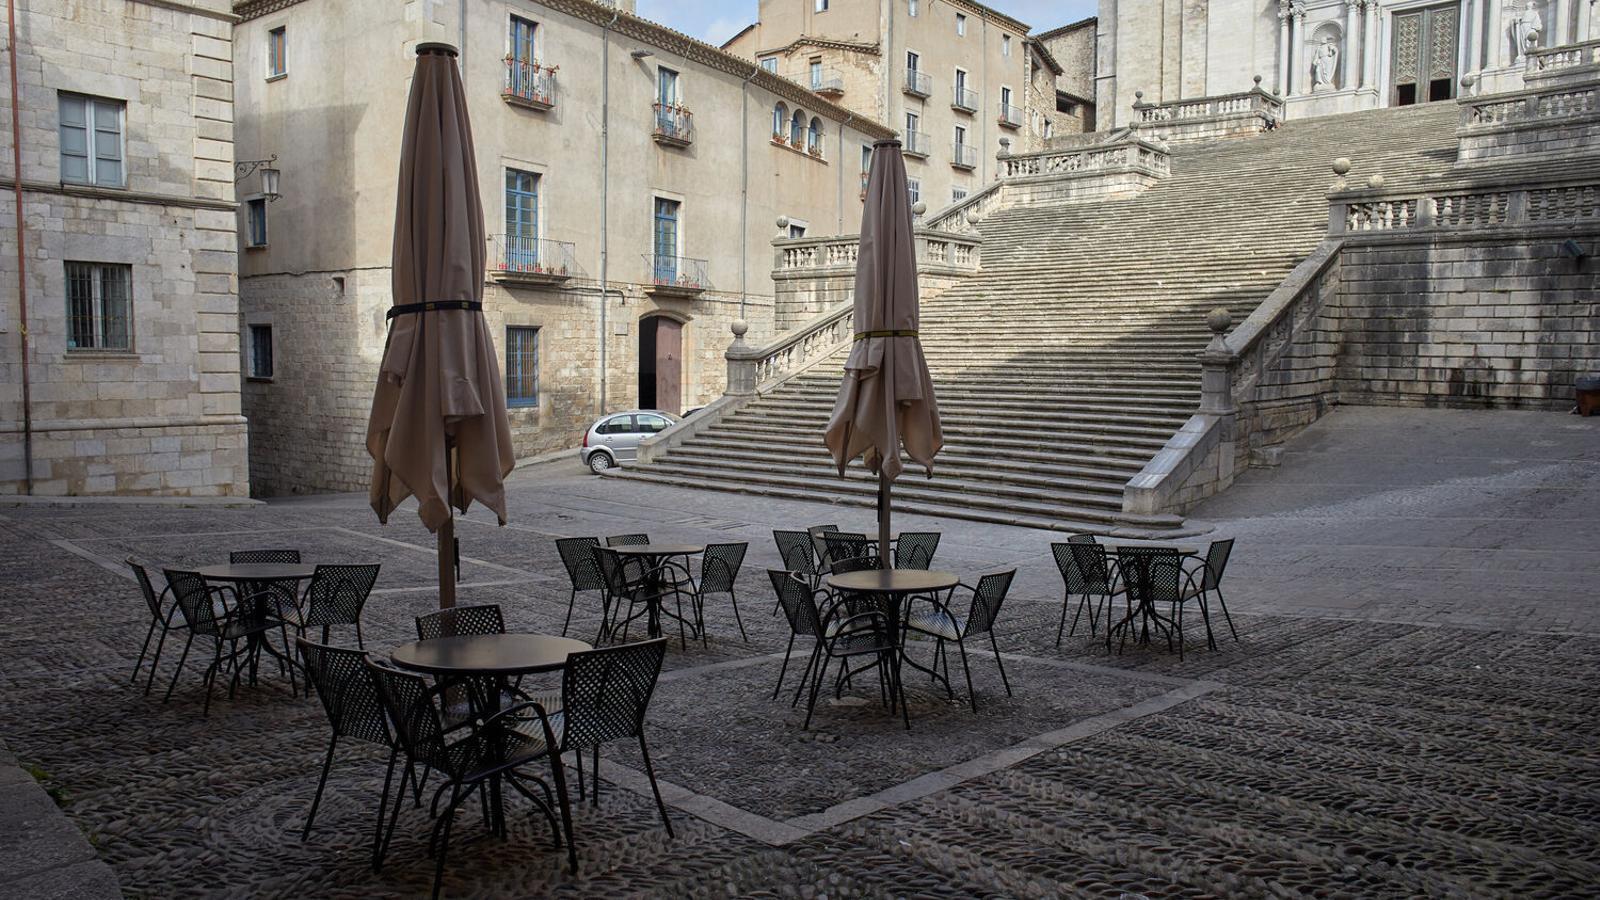 Bars i restaurants podran obrir fins a les 21.30 hores sense límit d'aforament a les terrasses